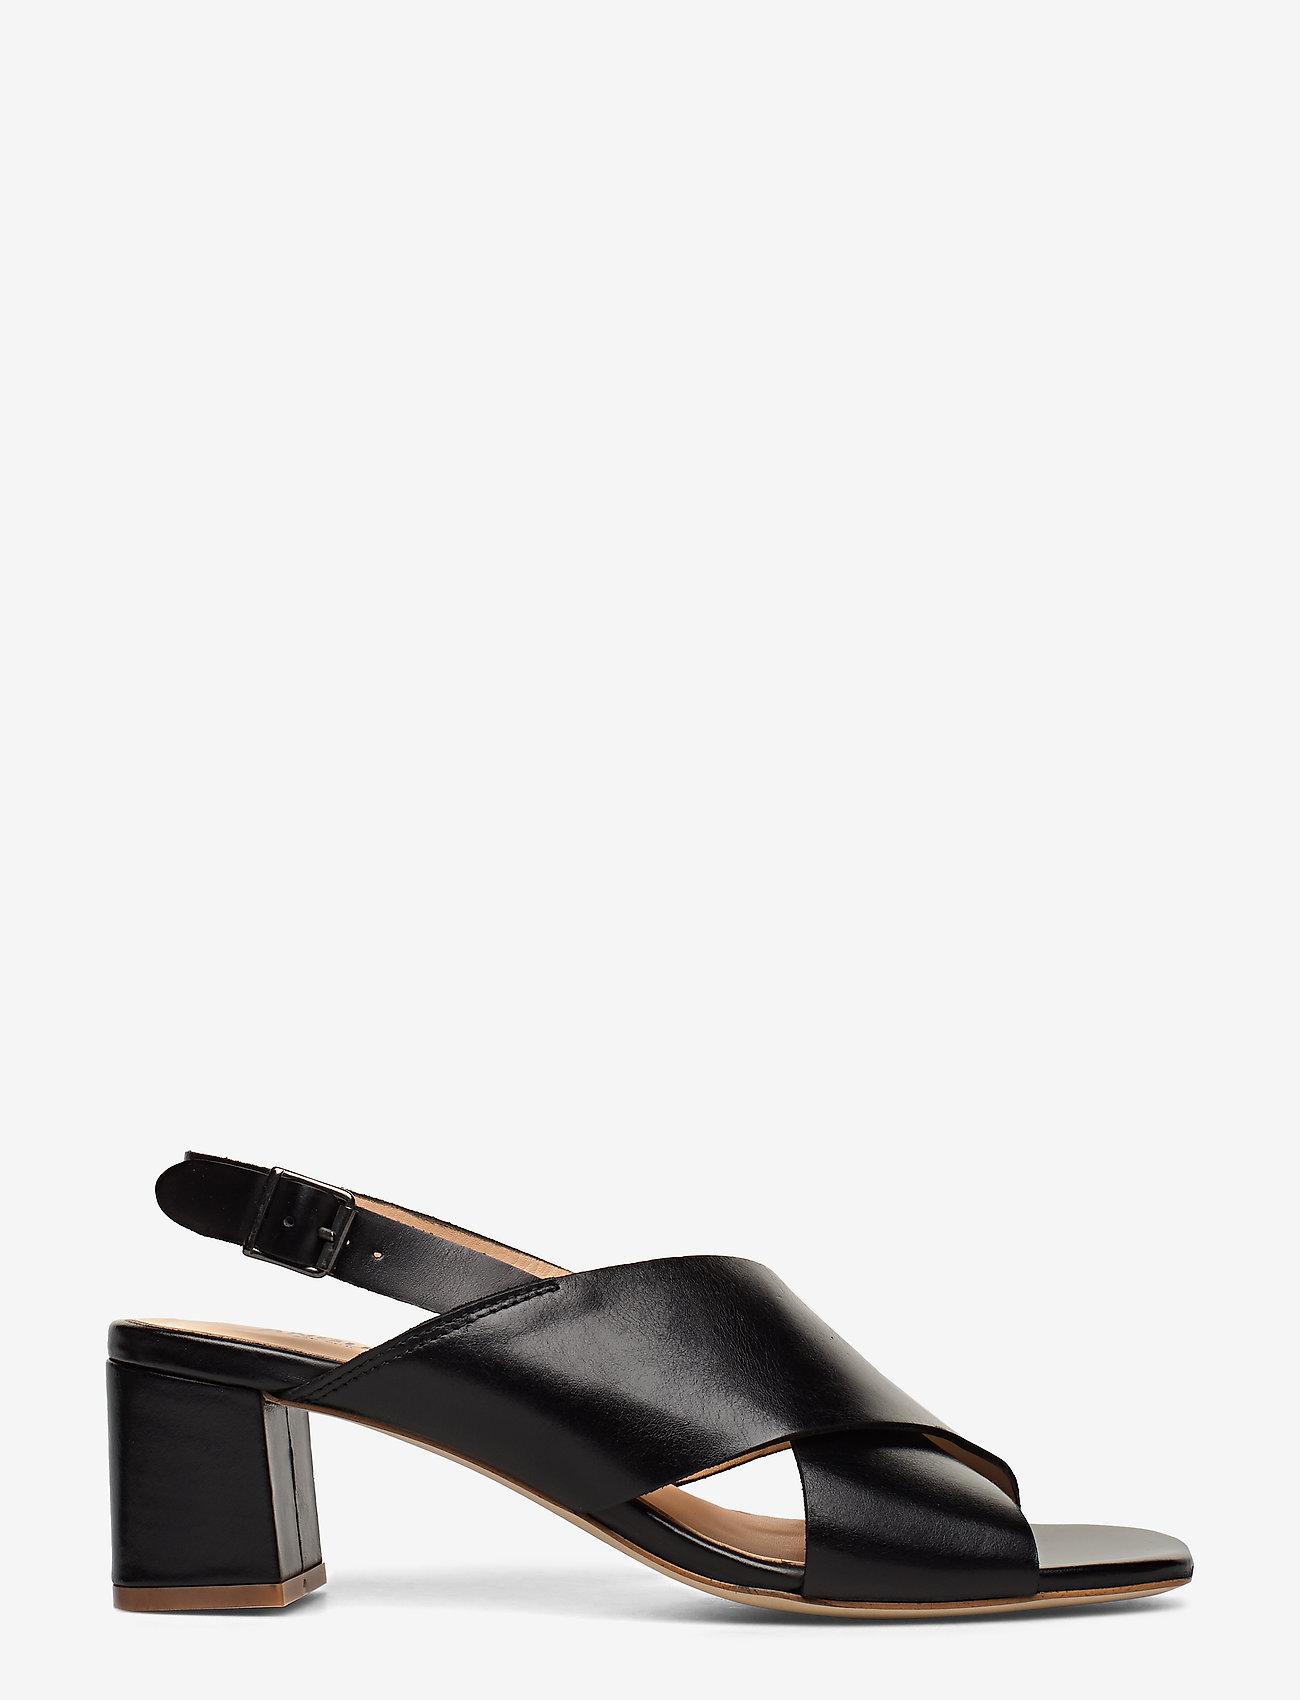 ANGULUS - Sandals - Block heels - sandalen mit absatz - 1835 black - 1